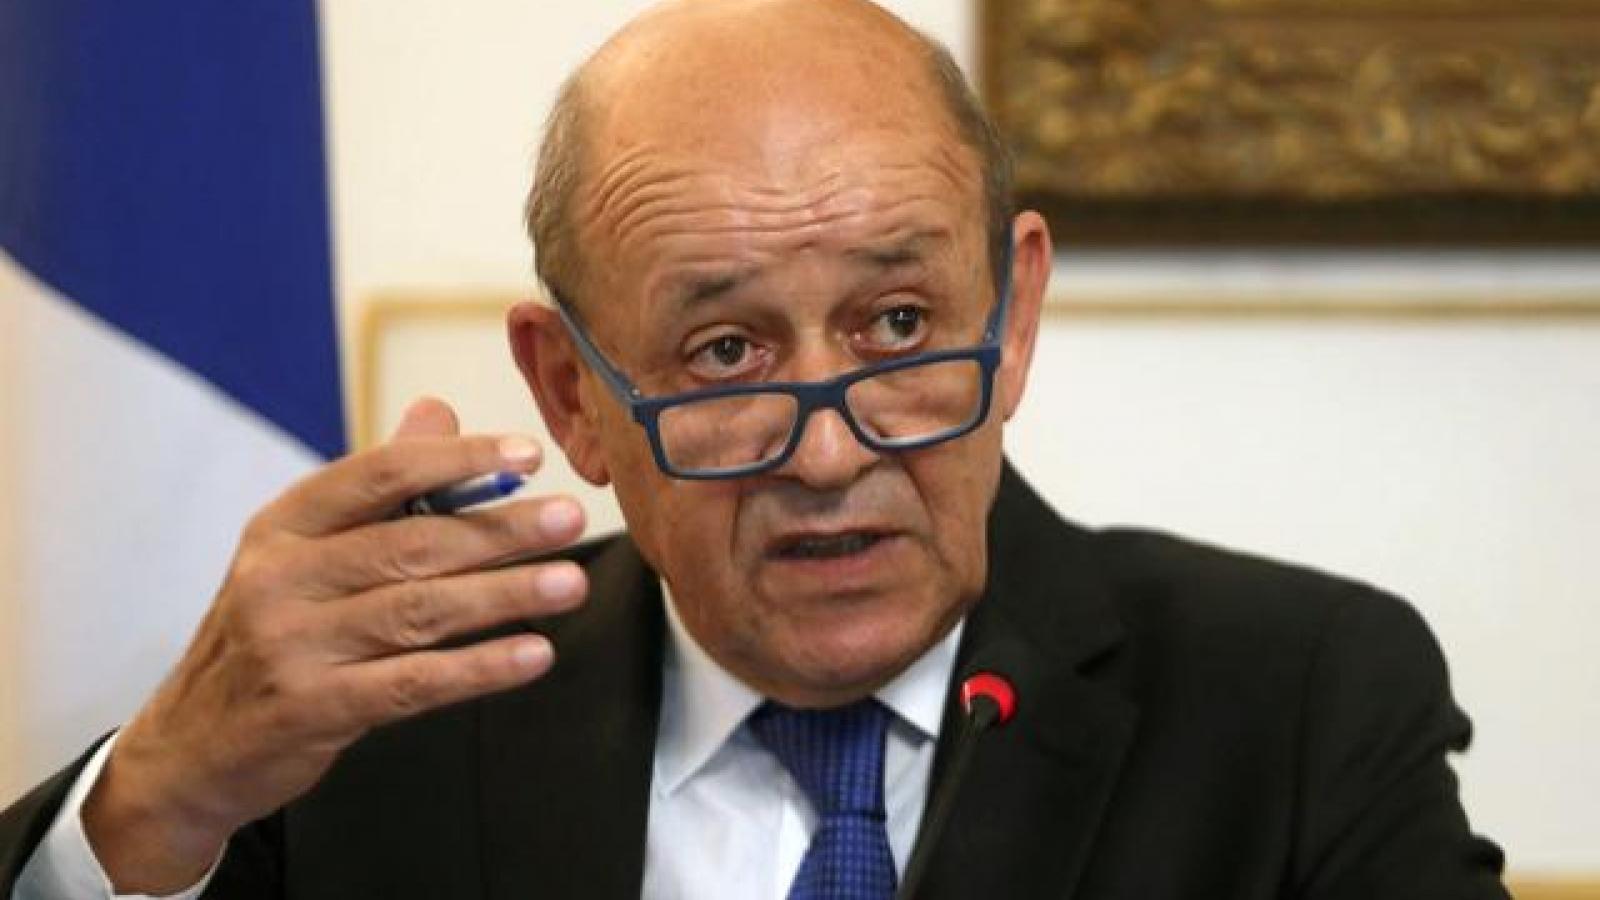 Ngoại trưởng Pháp: Pháp rơi vào khủng hoảng ngoại giao chưa từng có với Mỹ và Australia